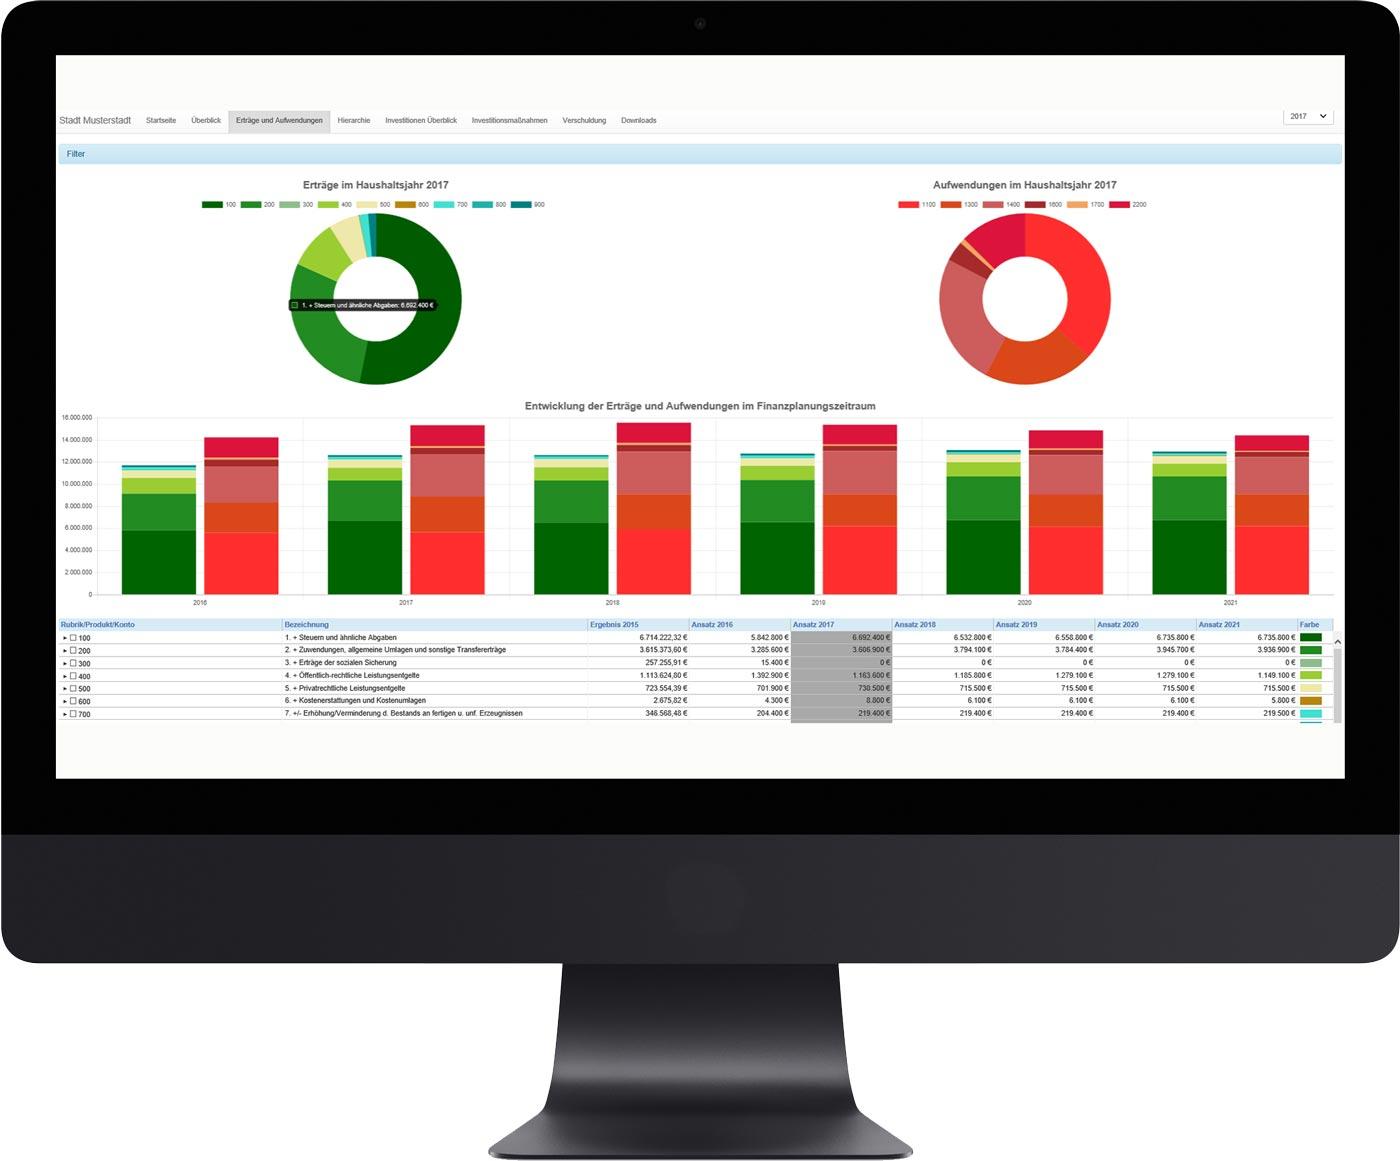 Einnahmen-Ausgaben-Gegenüberstellung der Haushaltsübersicht auf PC-Bildschirm